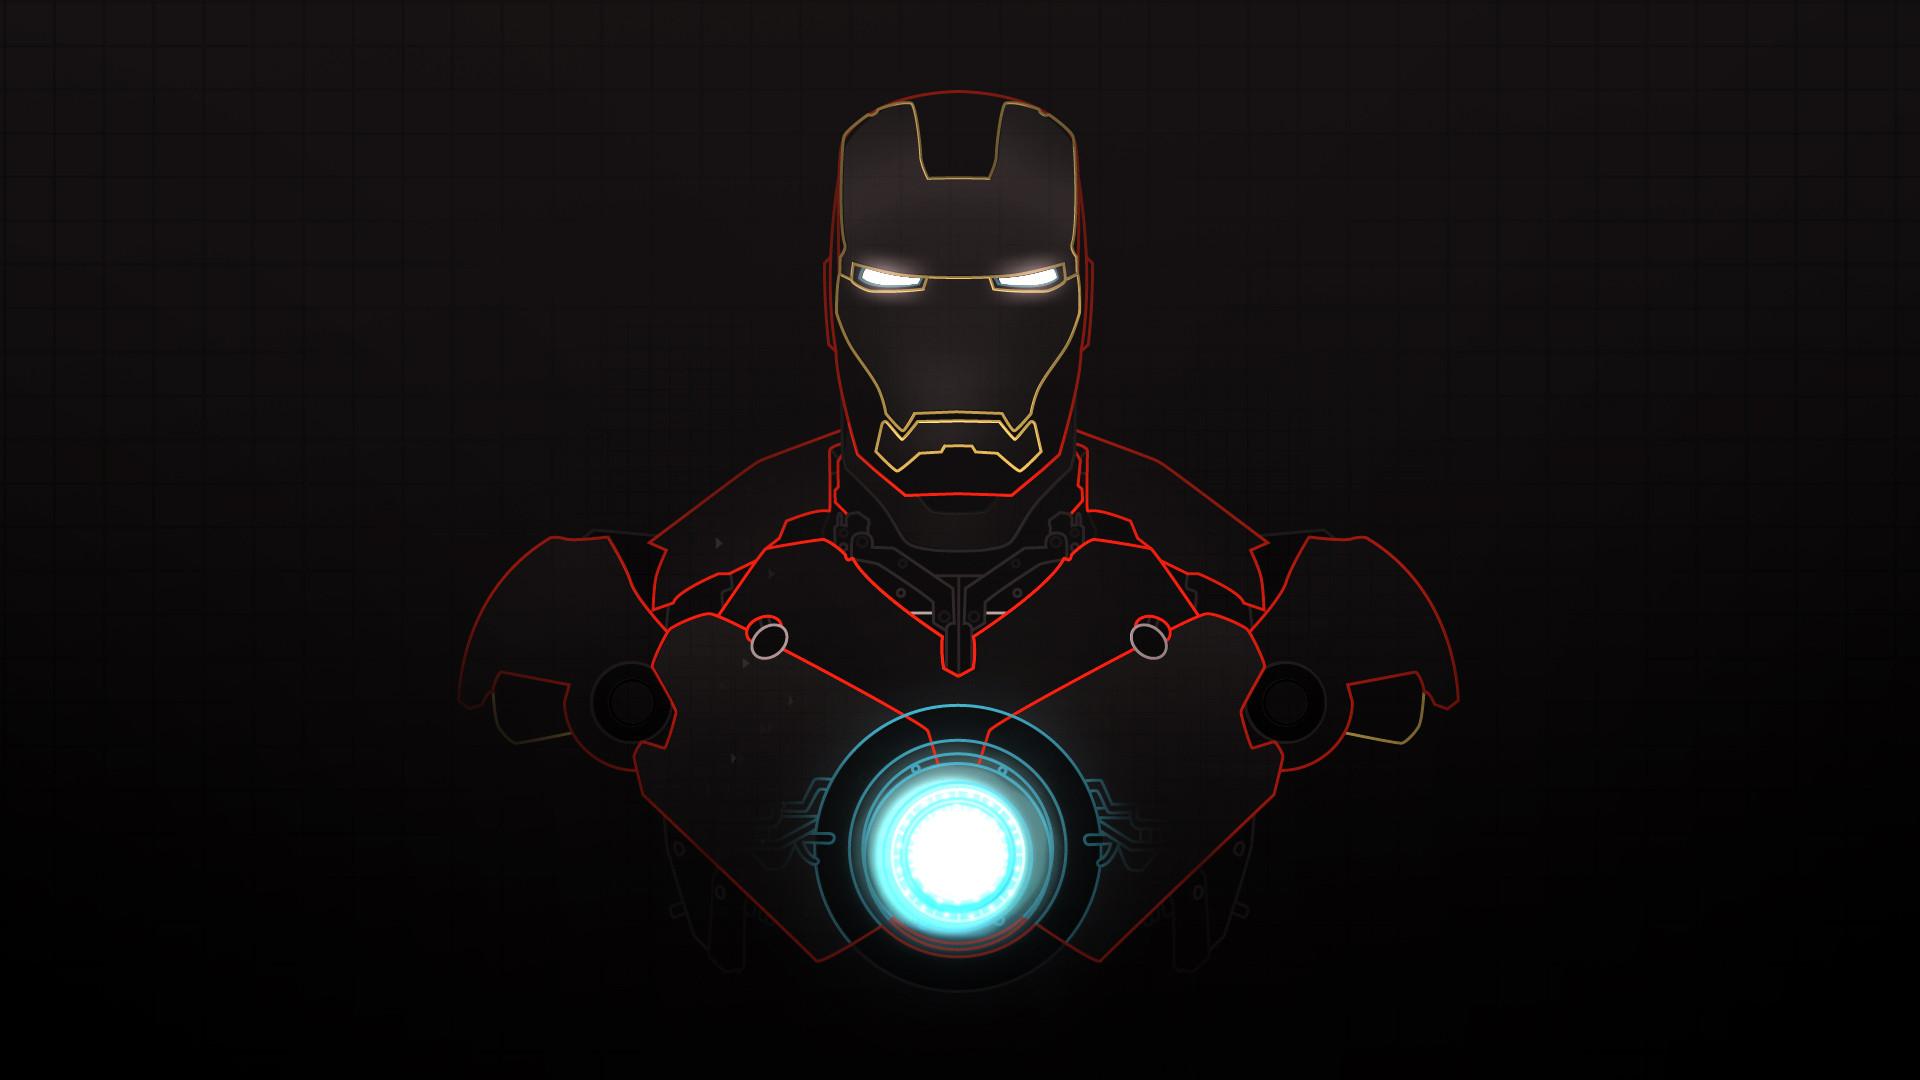 Wallpaper Monster Inc 3d Iron Man Wallpaper 4